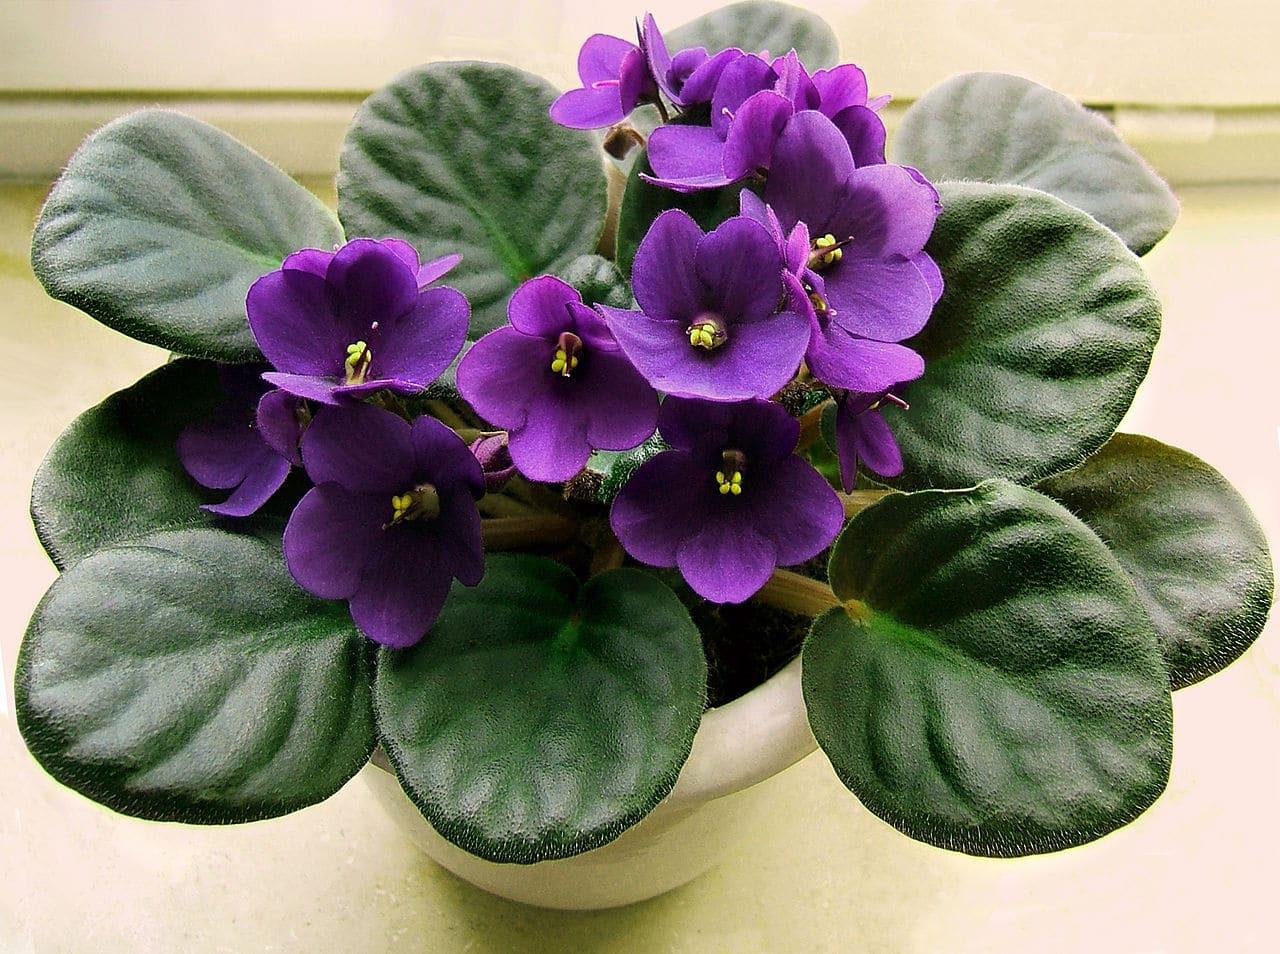 La violeta africana es una planta pequeña que produce flores bonitas